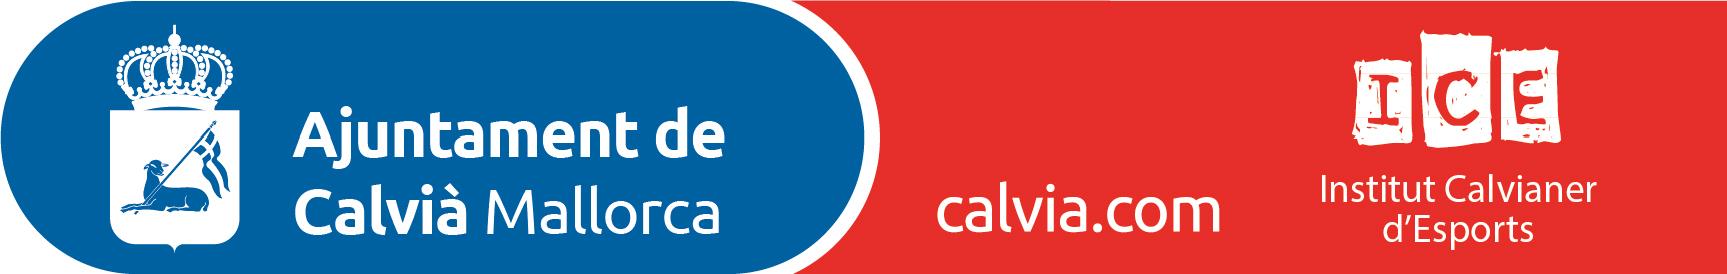 logo-ice